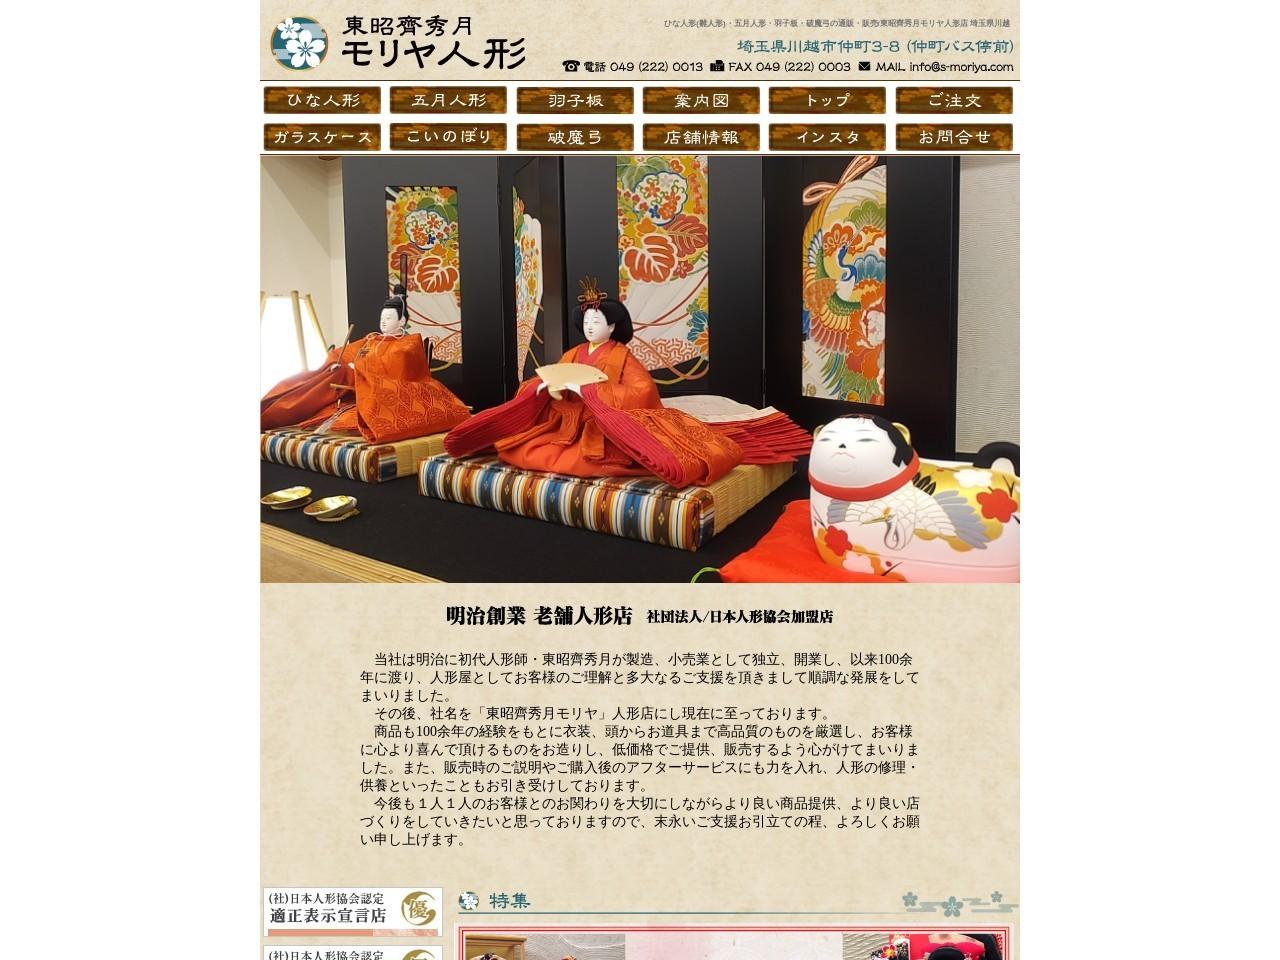 雛人形(ひな人形)・羽子板・破魔弓の通販・販売/東昭齊秀月モリヤ人形店 埼玉県川越